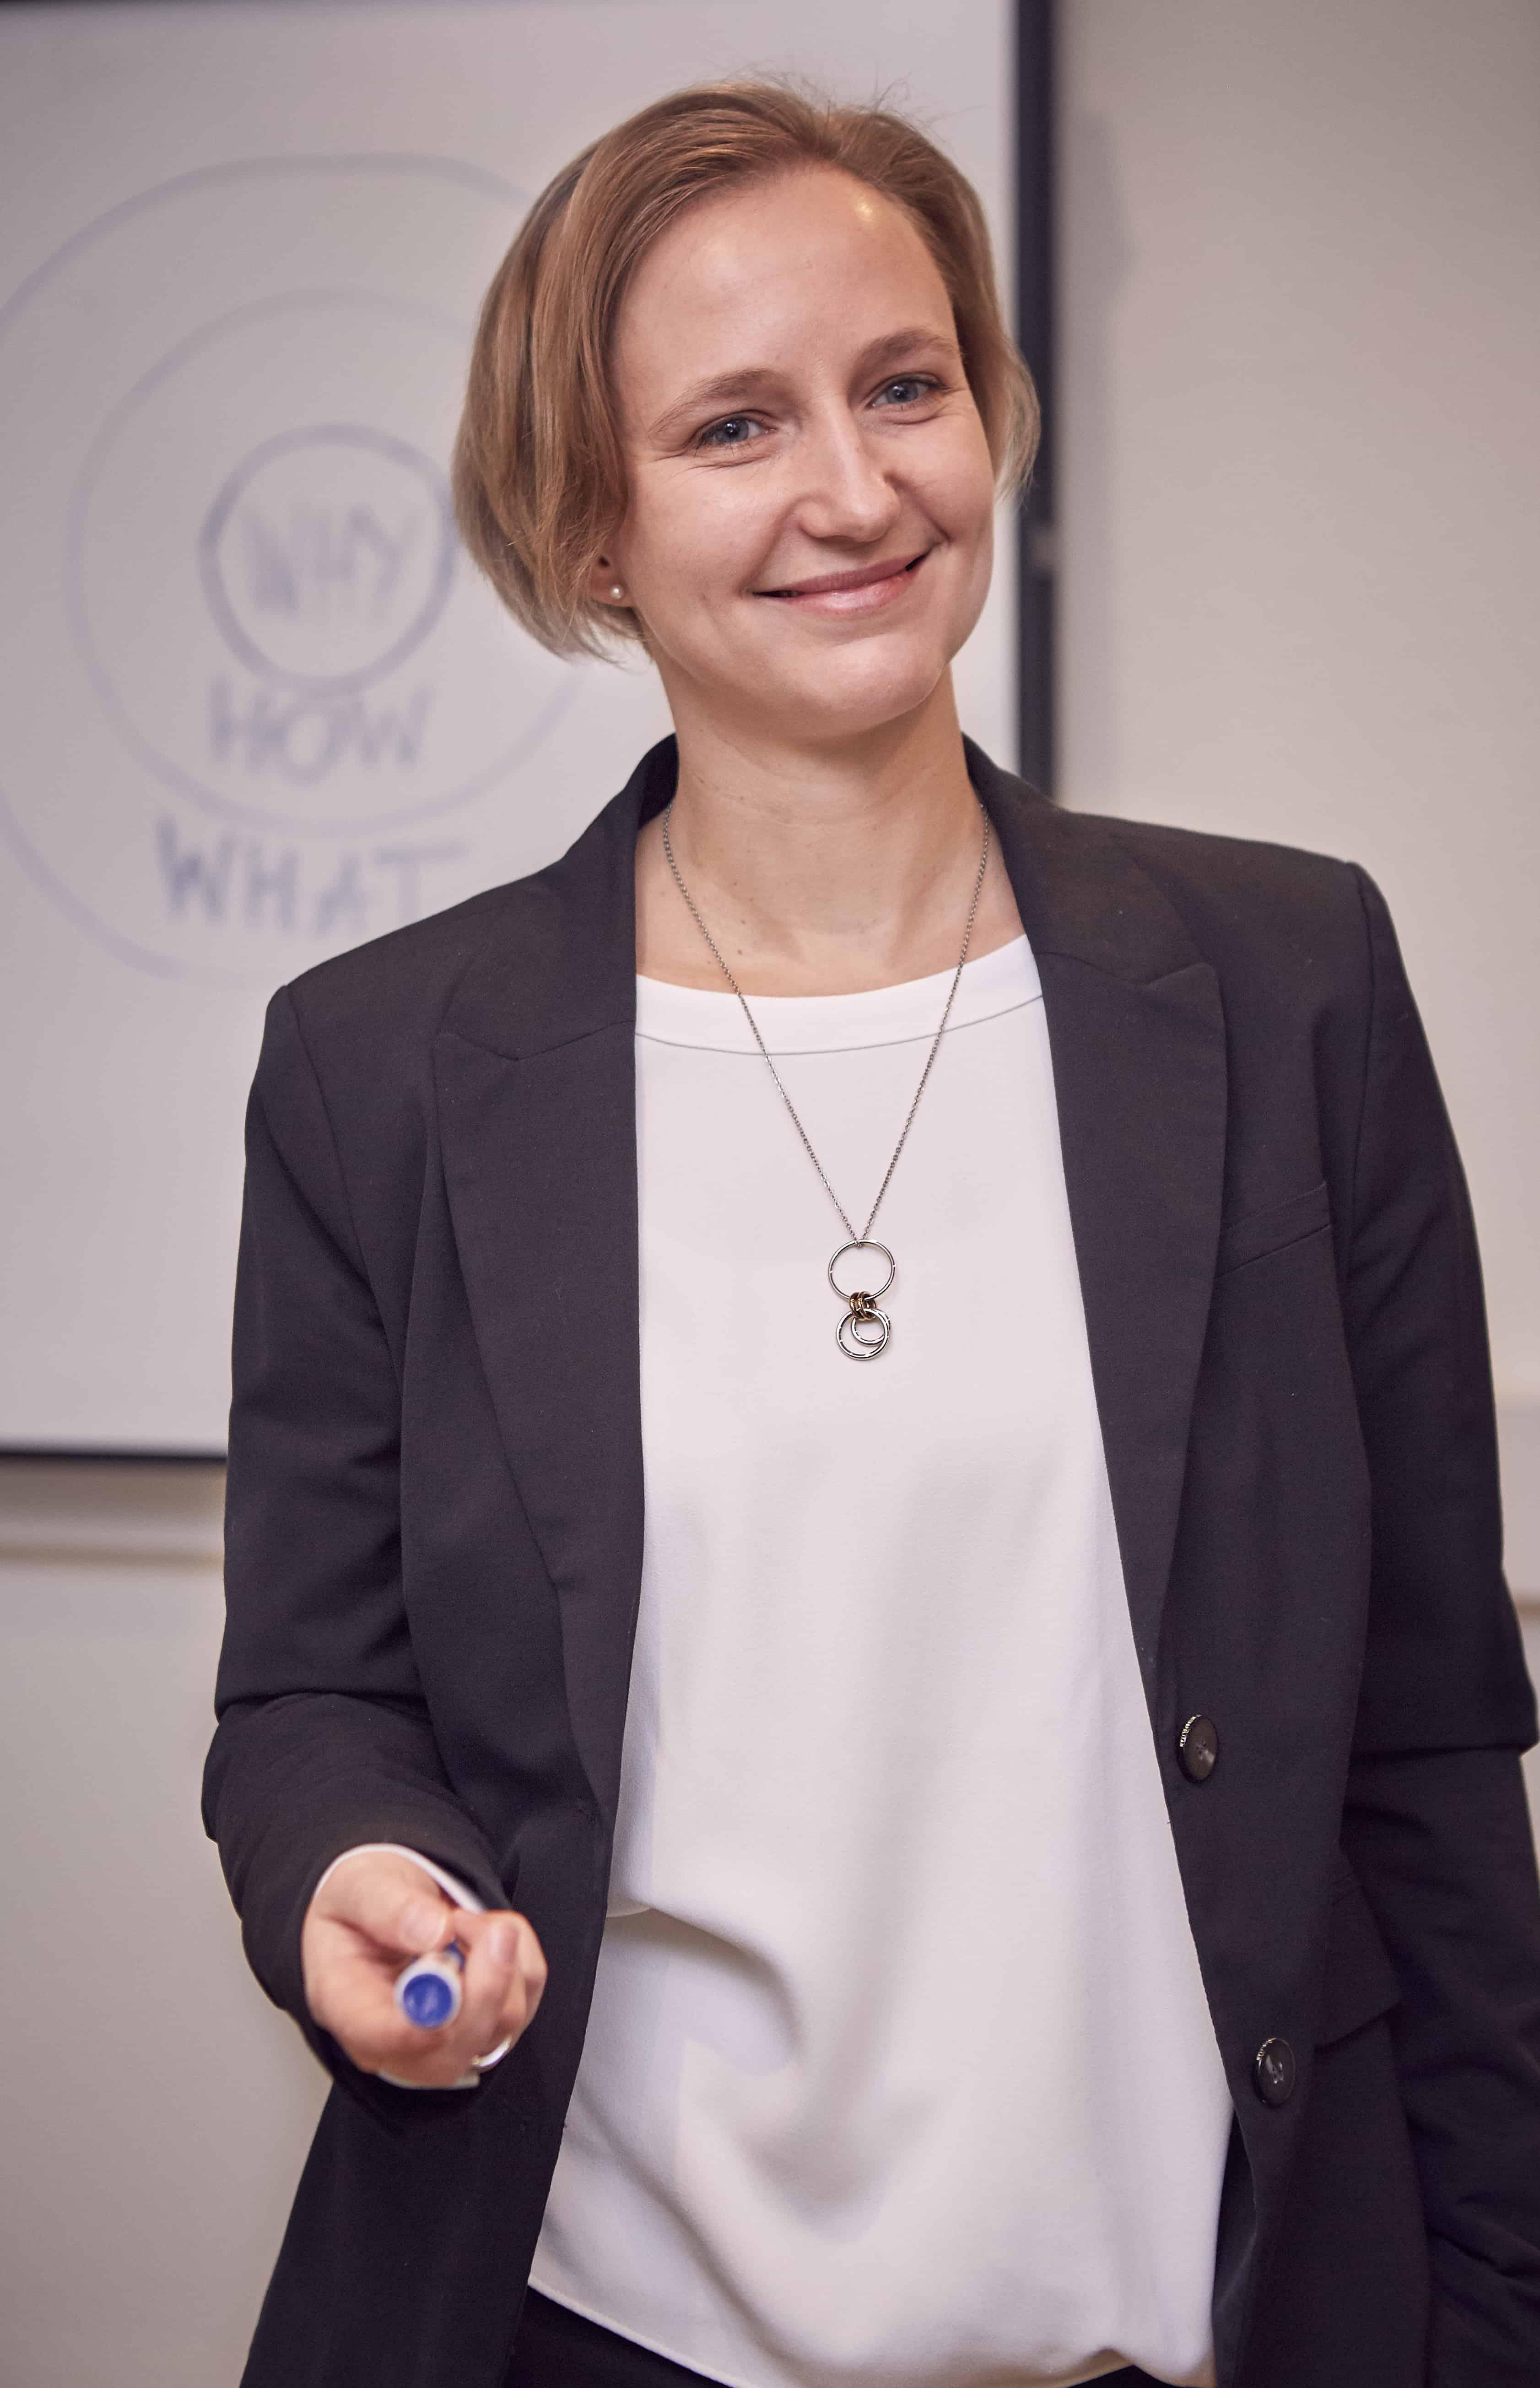 HR eMotion Jenny Papenbrock-Veliz